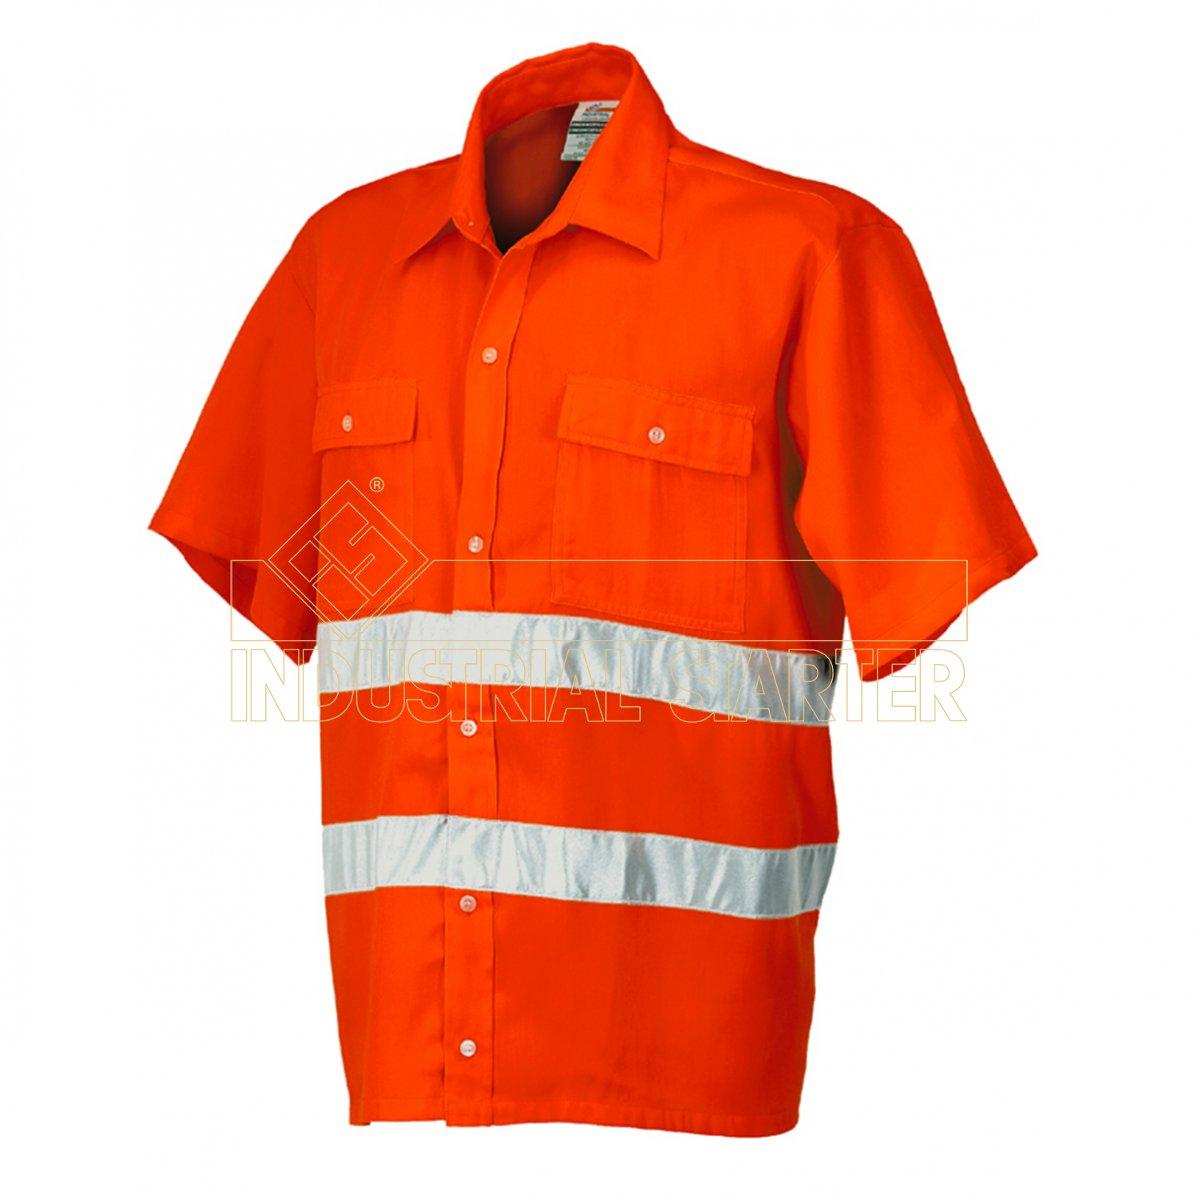 camicia da lavoro a manica corta – Maritan s.r.l.